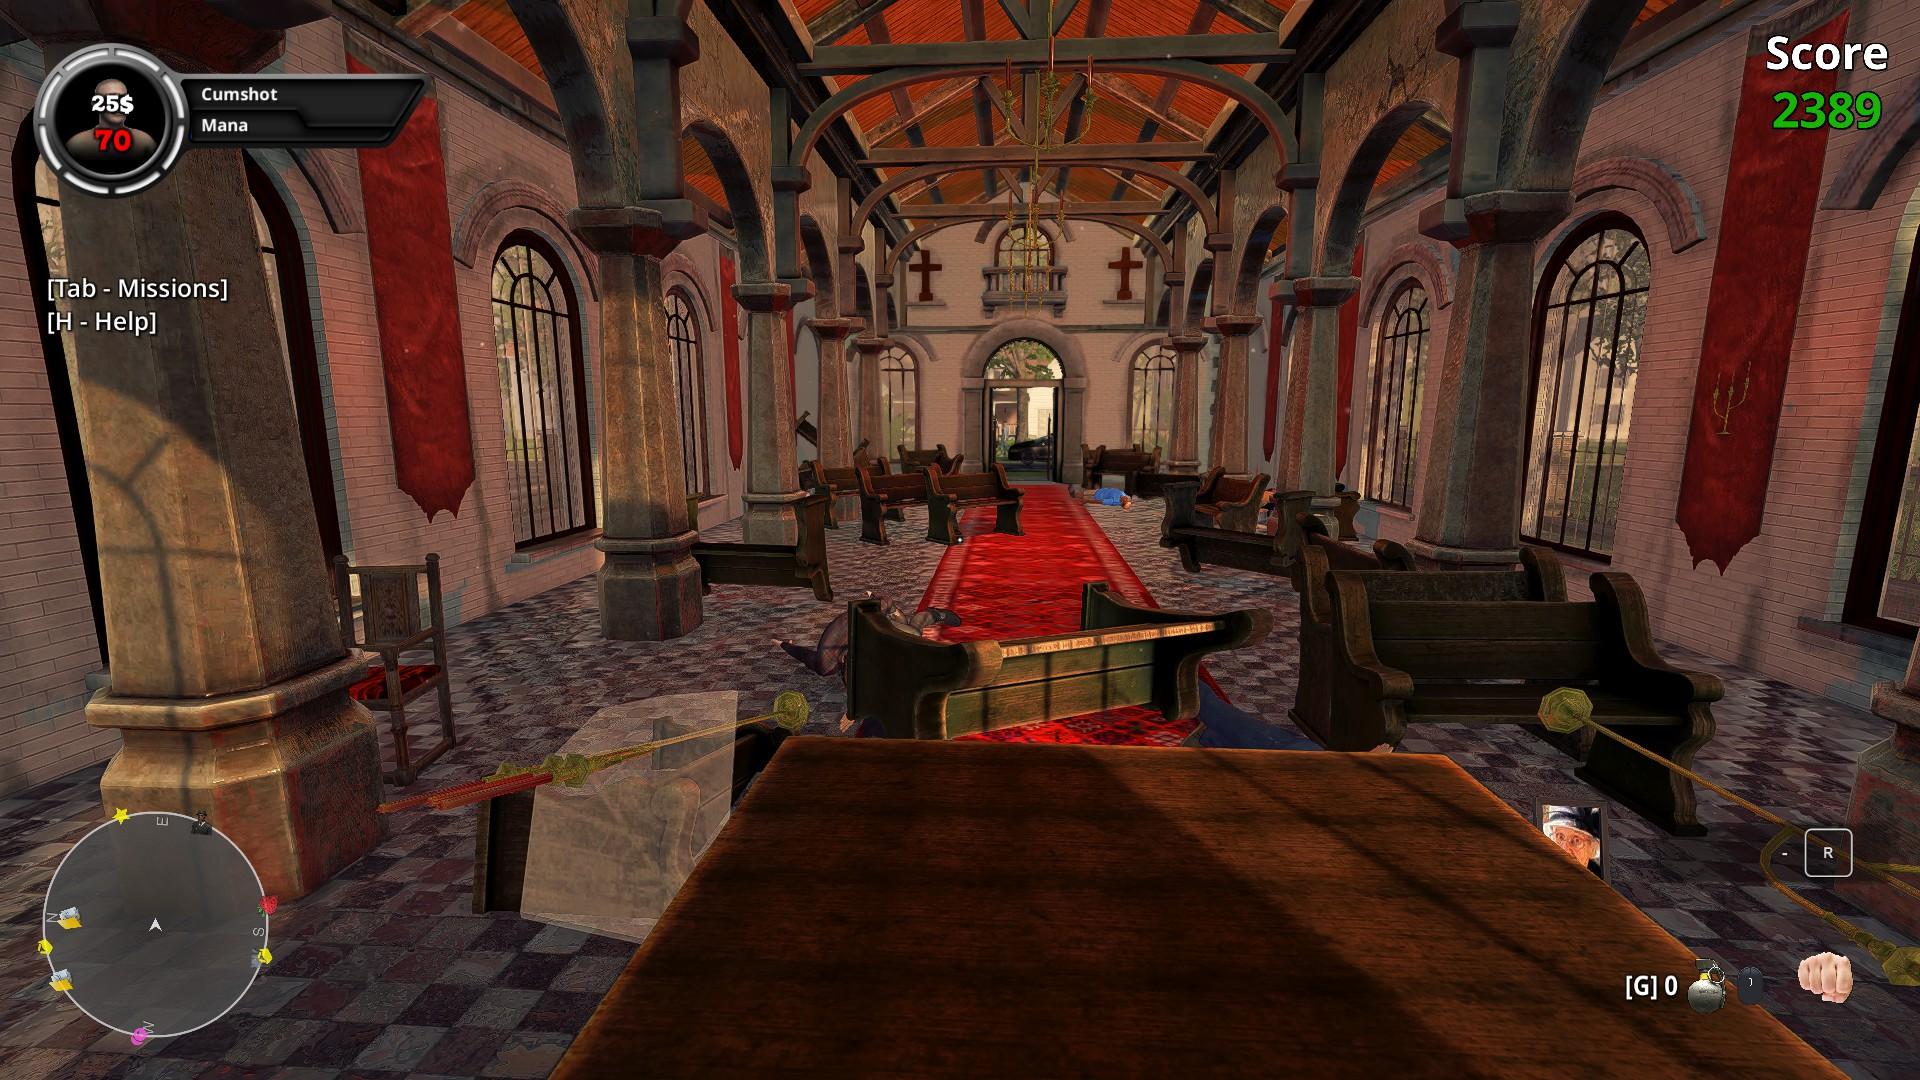 Wanking Simulator käynti kirkossa